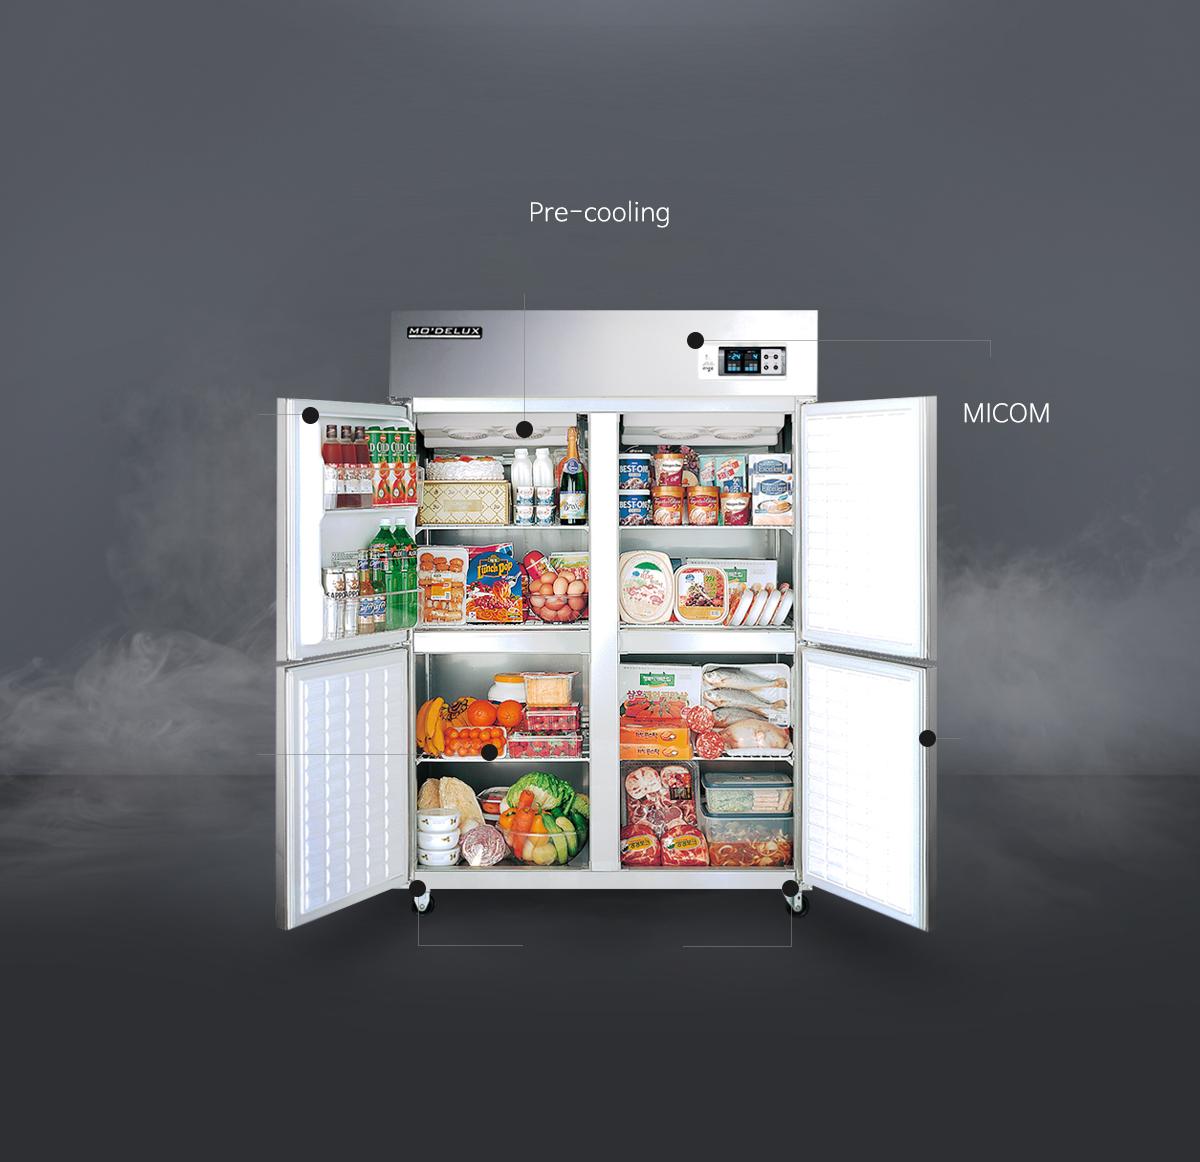 Bàn lạnh Modelux, Bàn mát Modelux, Modelux, Tủ lạnh công nghiệp, Tủ Lạnh Modelux, Tủ lạnh công nghiệp, Tủ mát công nghiệp, Tủ đông công nghiệp, Tủ Modelux